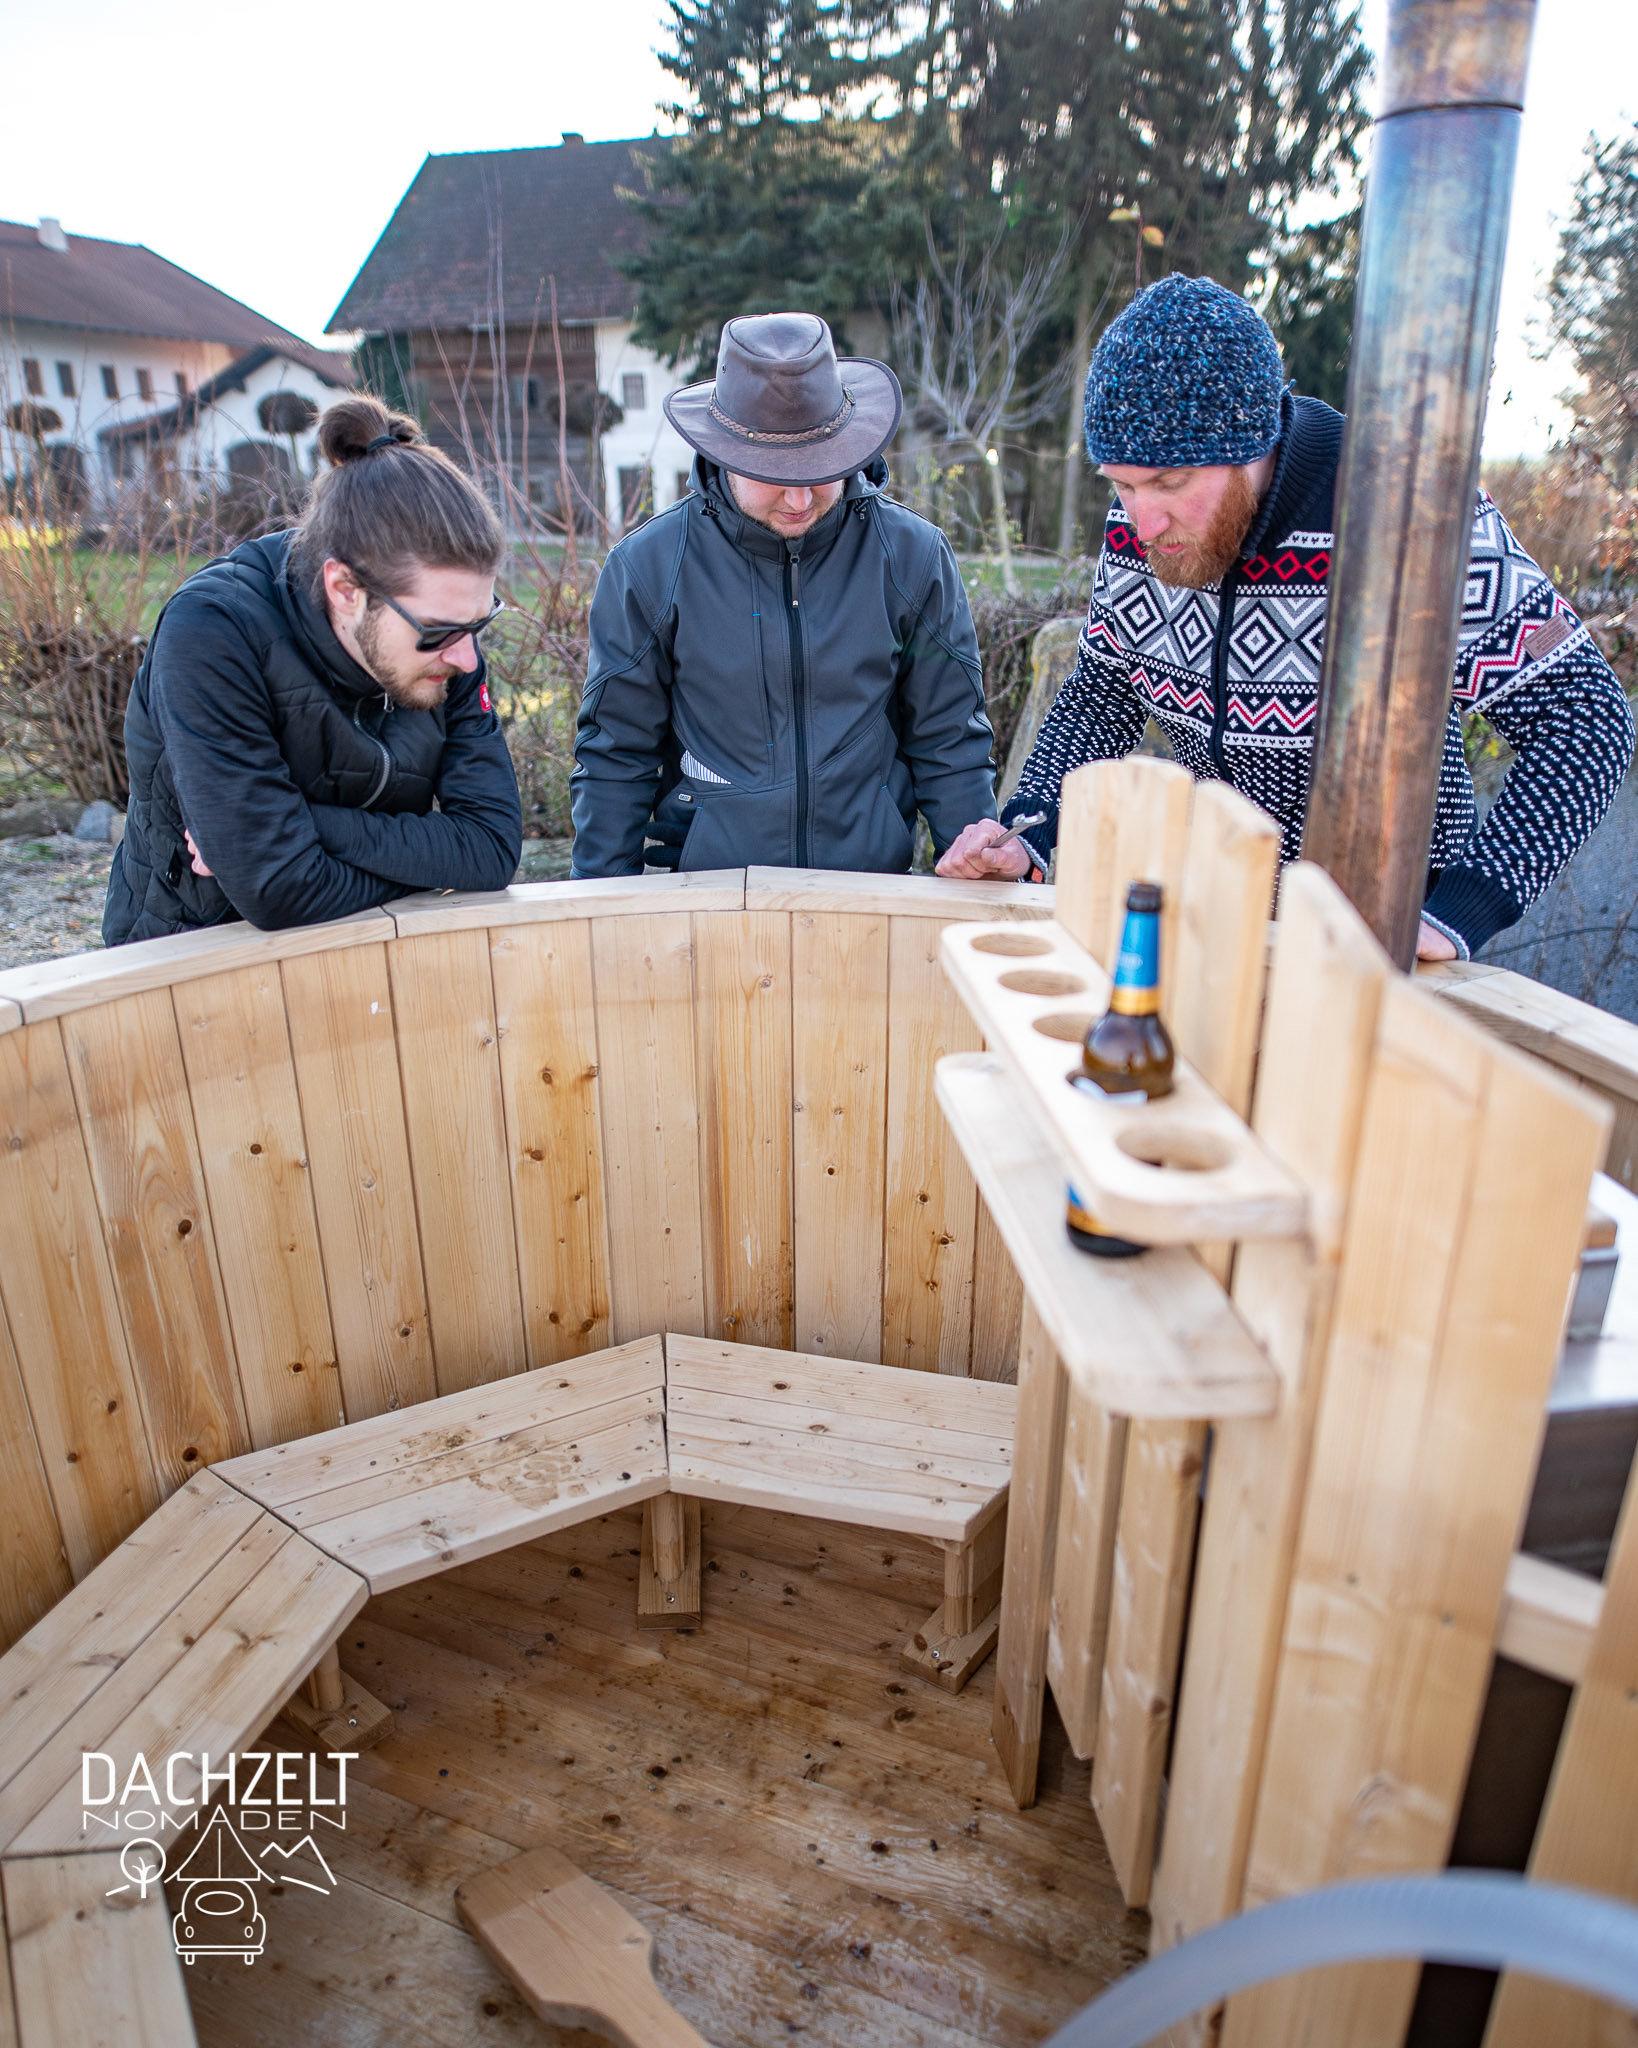 20191231-DACHZELT-SILVESTER-CAMP-Maik-Richter-17-Aufbau